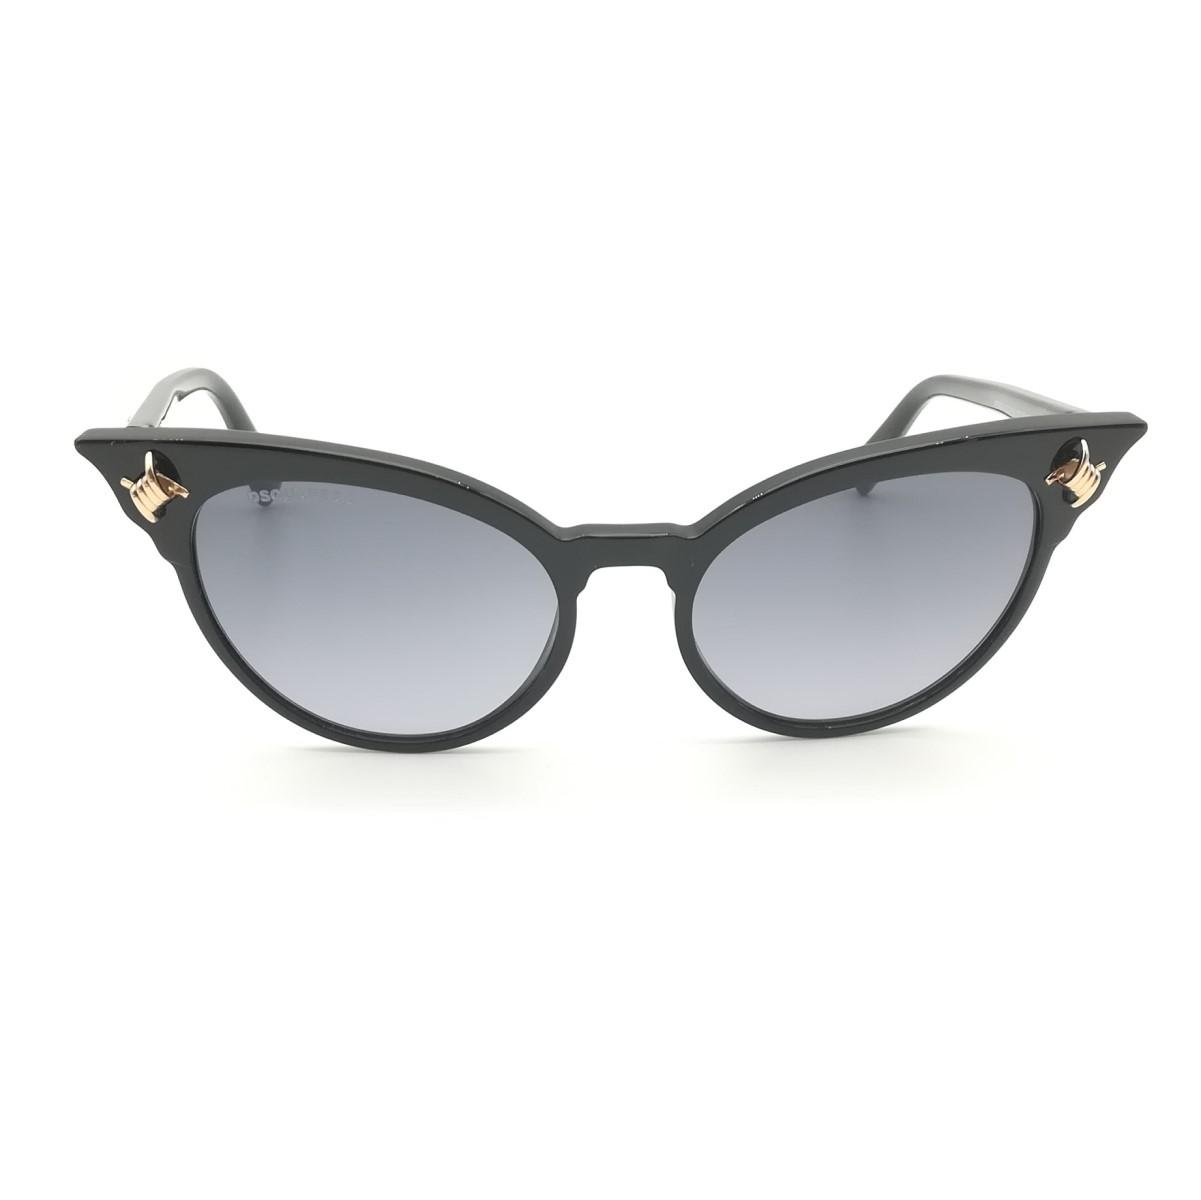 scarpe sportive e539a eabc8 DSQUARED occhiale da sole donna Kendall